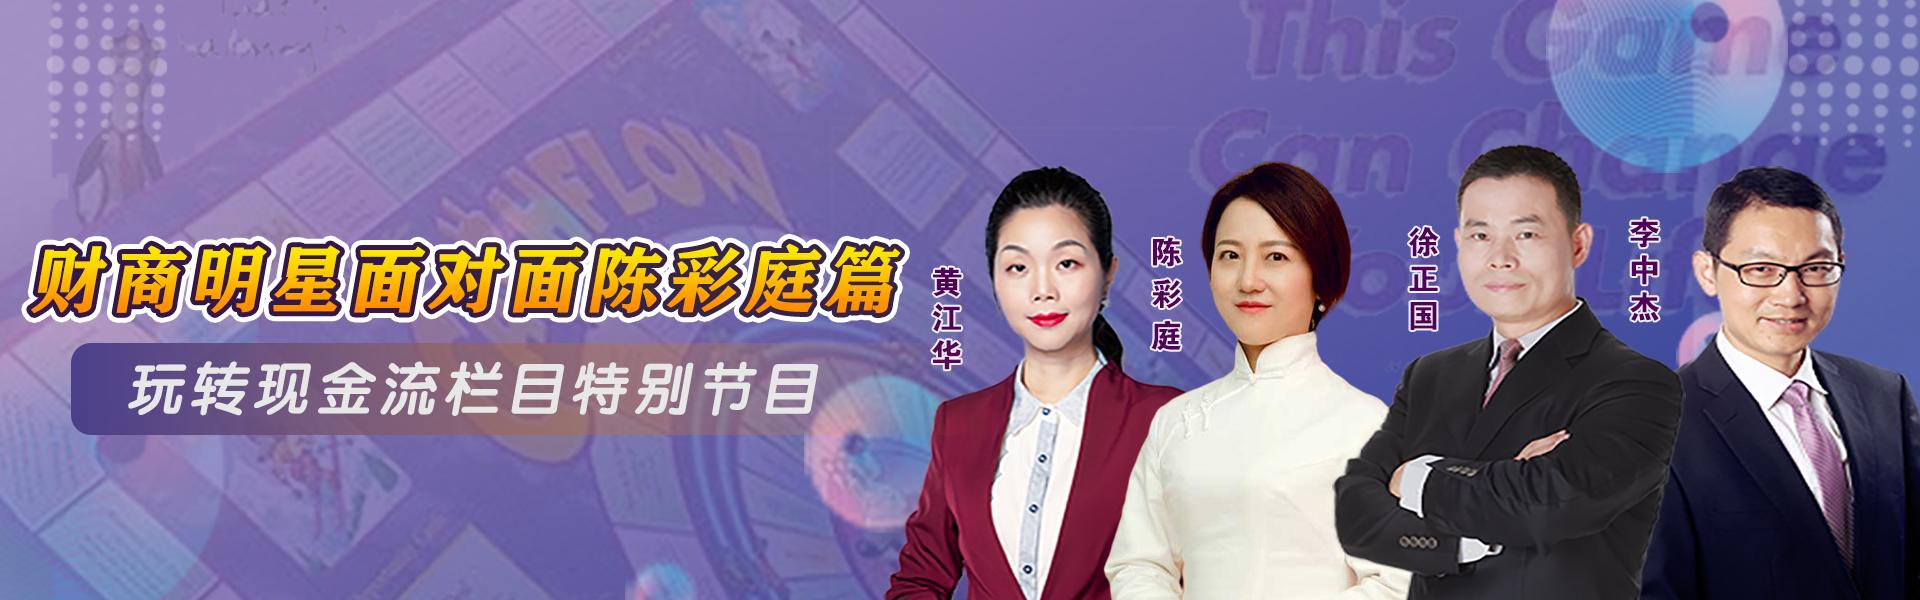 新年特辑——财商明星面对面之闵成林篇